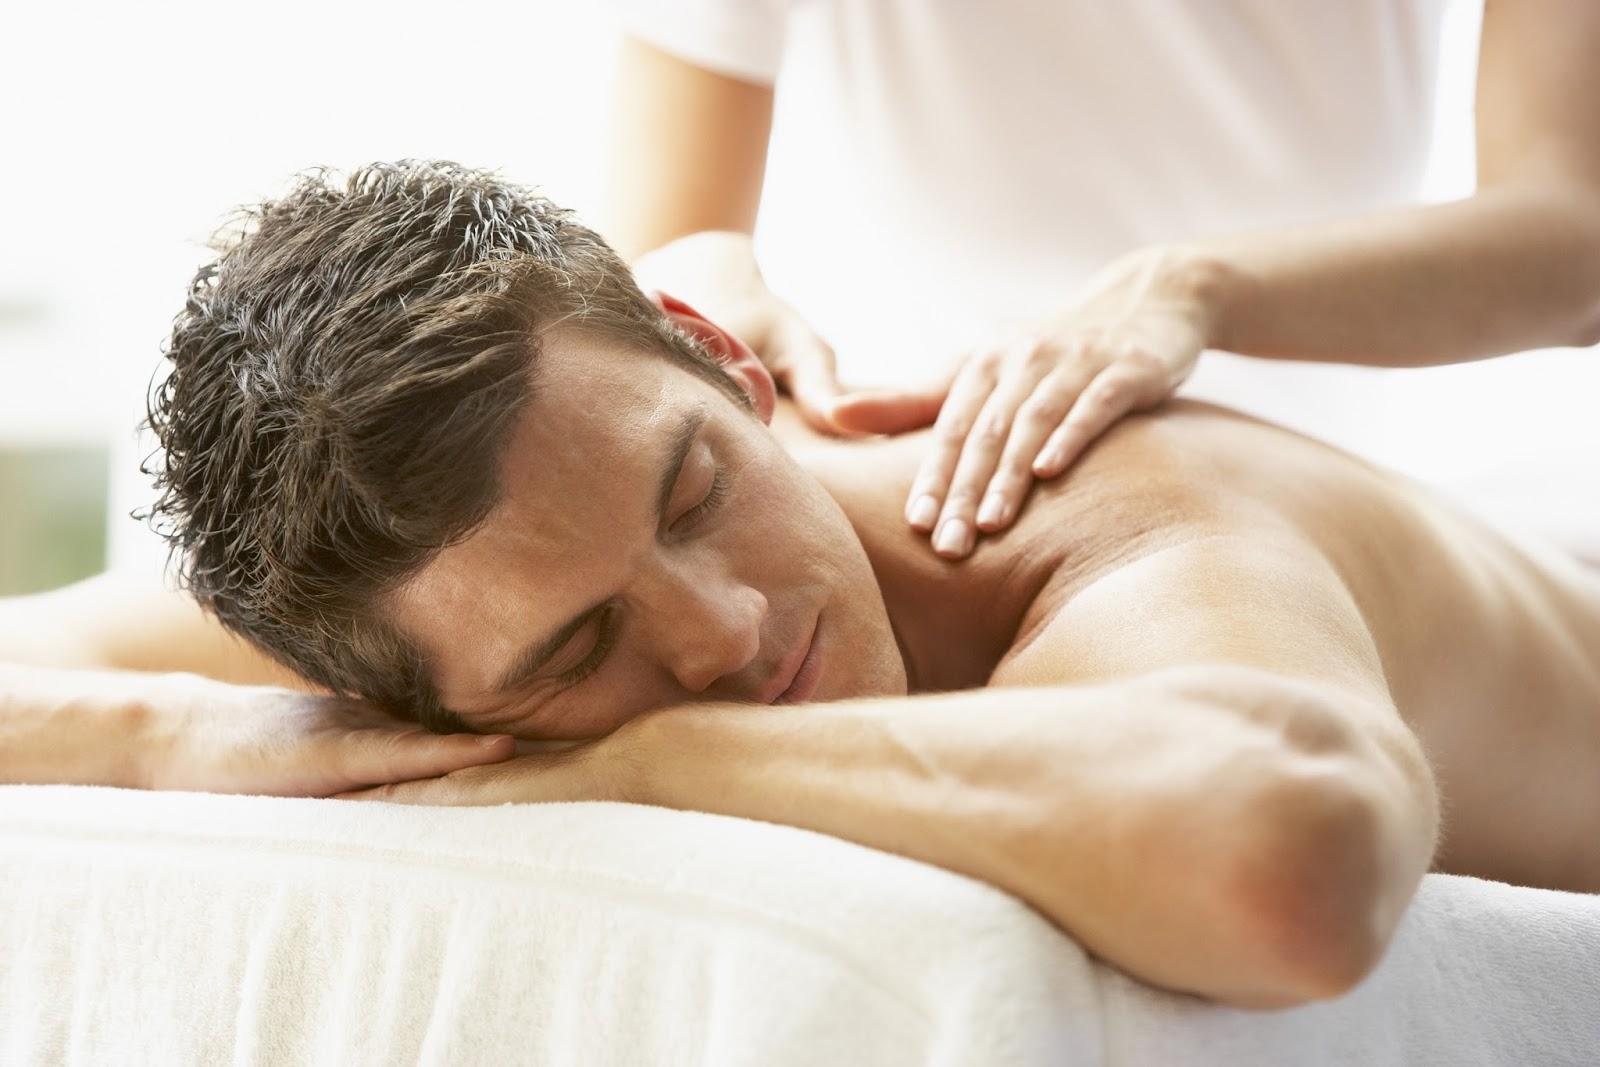 spa skanstull prostata massage stockholm